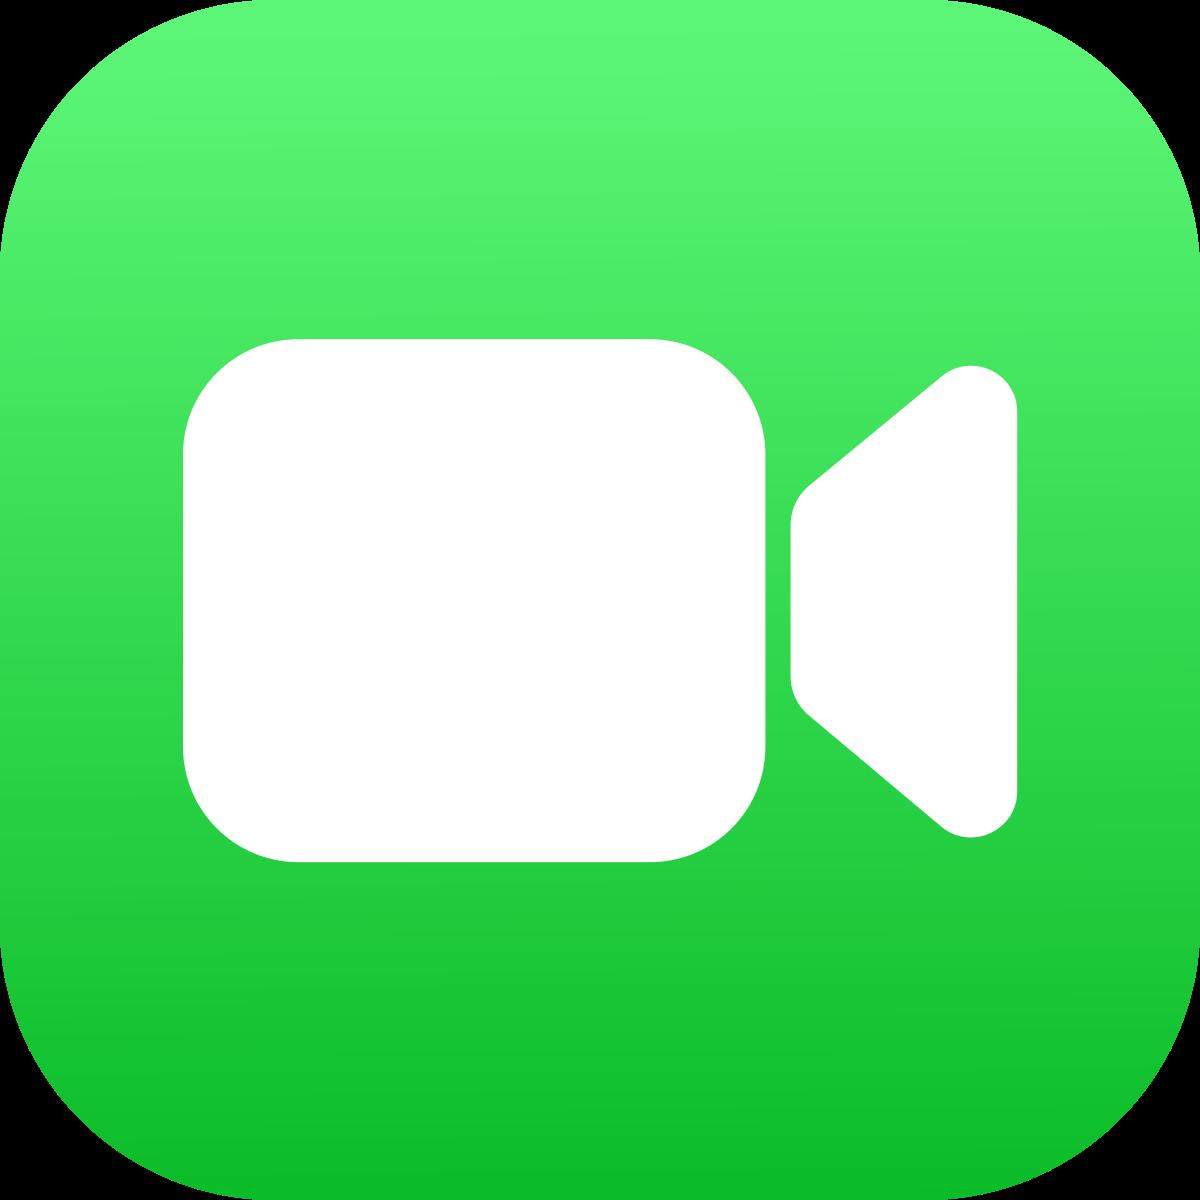 طريقة الانضمام لمكالمات FaceTime باستخدام نظامي التشغيل ويندوز وأندرويد